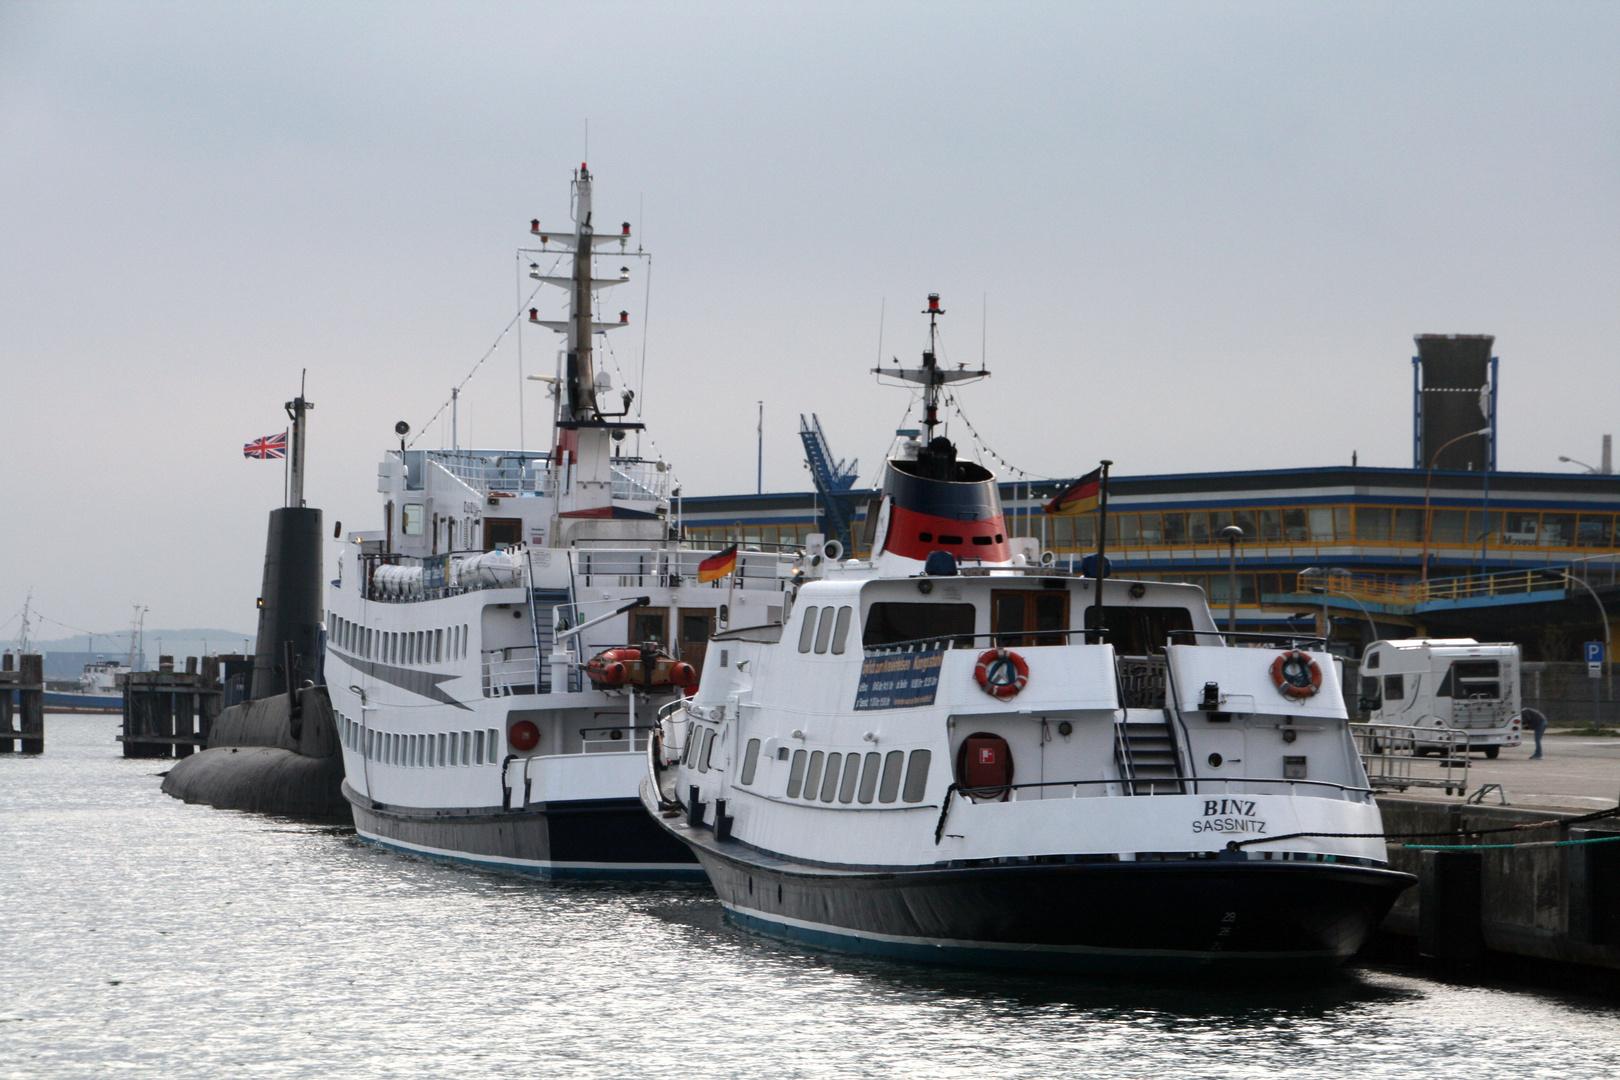 Schiffsansichten